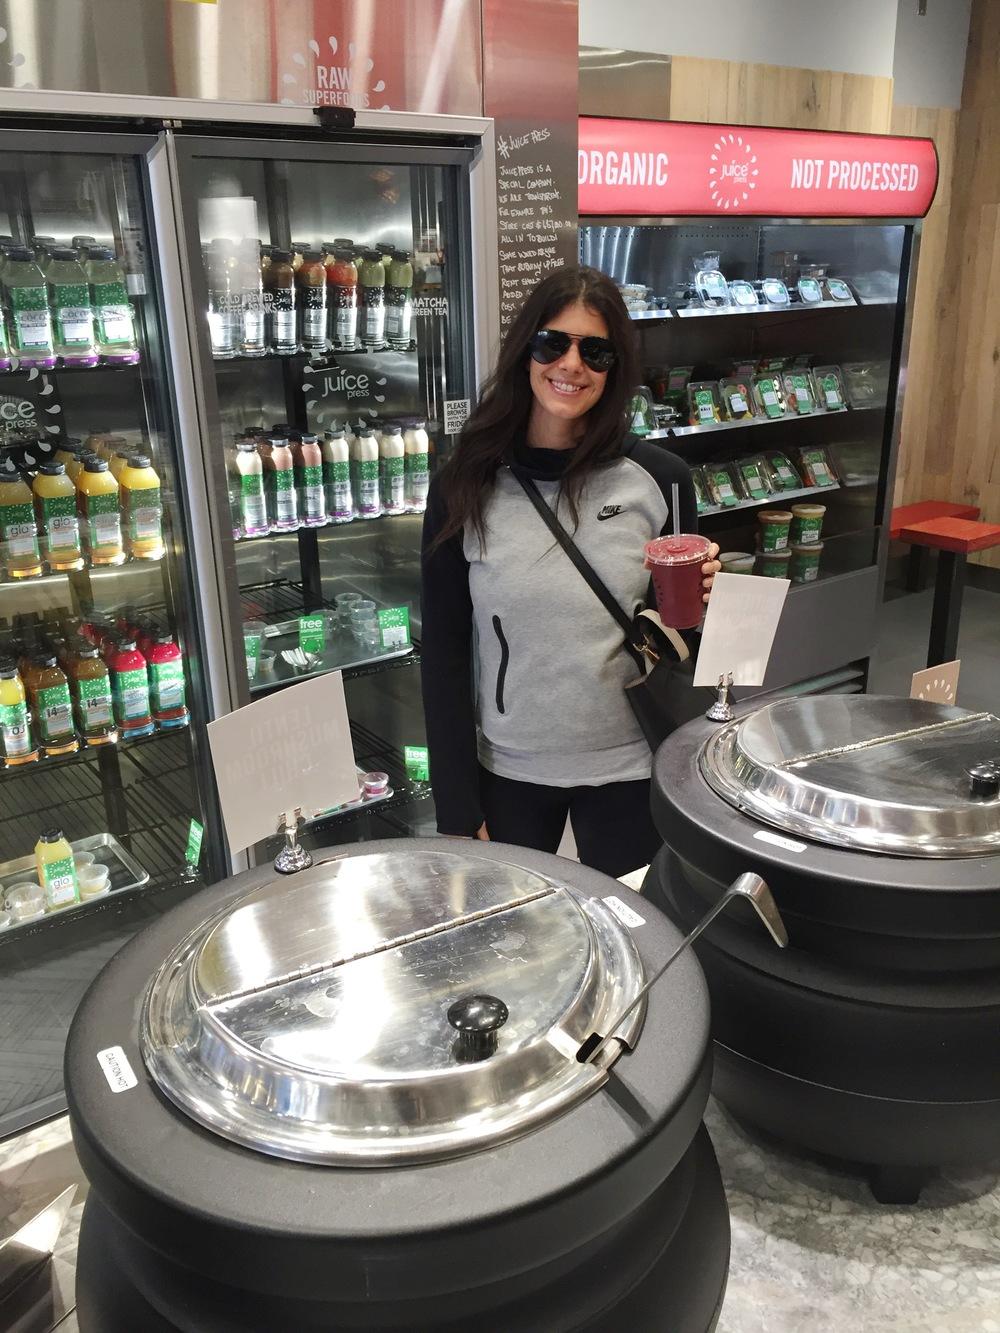 LaurenSchwaiger-Life-Style-Travel-Blog-NYC-Juice-Pres.jpg